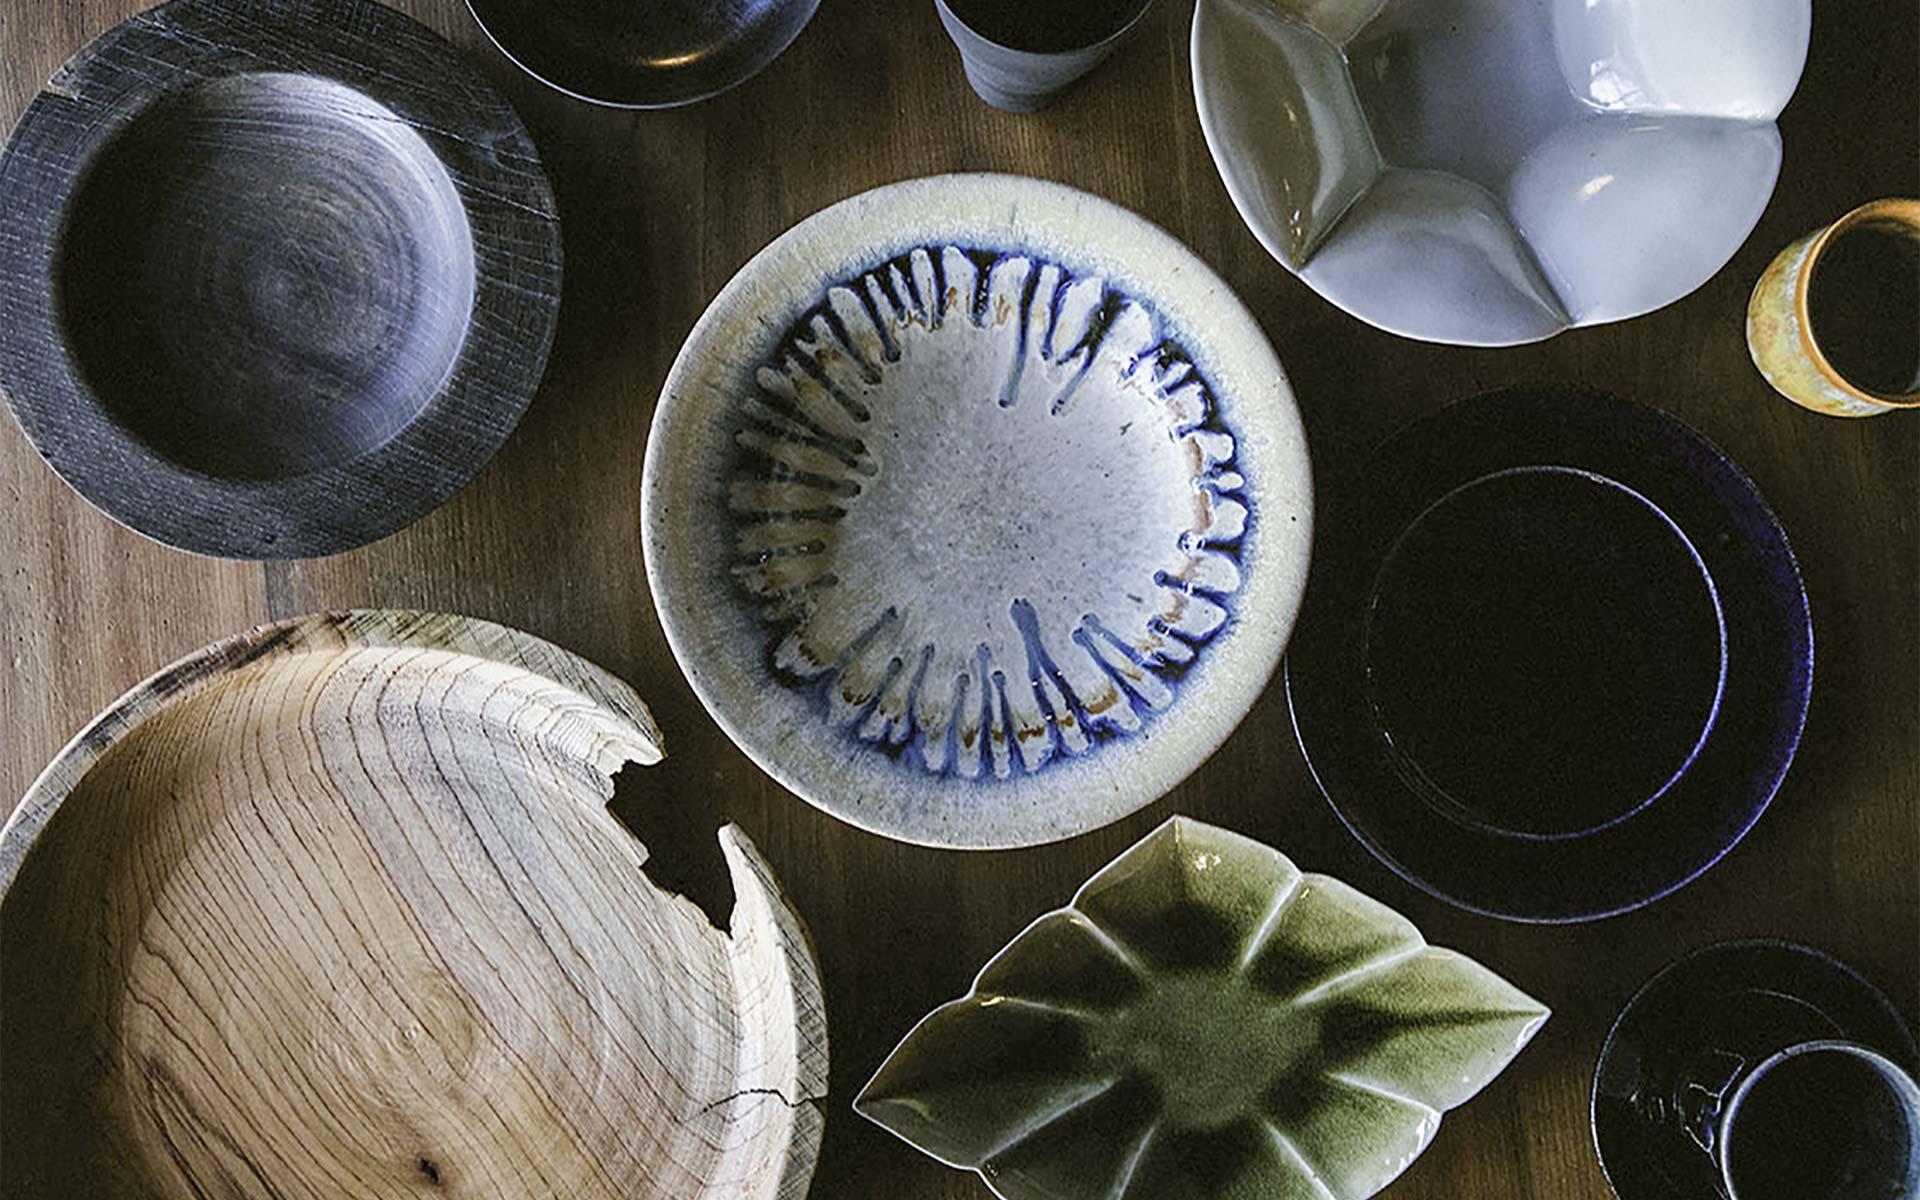 秋の益子陶器市が開催中!目利きに教わる「器の選び方」と「注目作家」